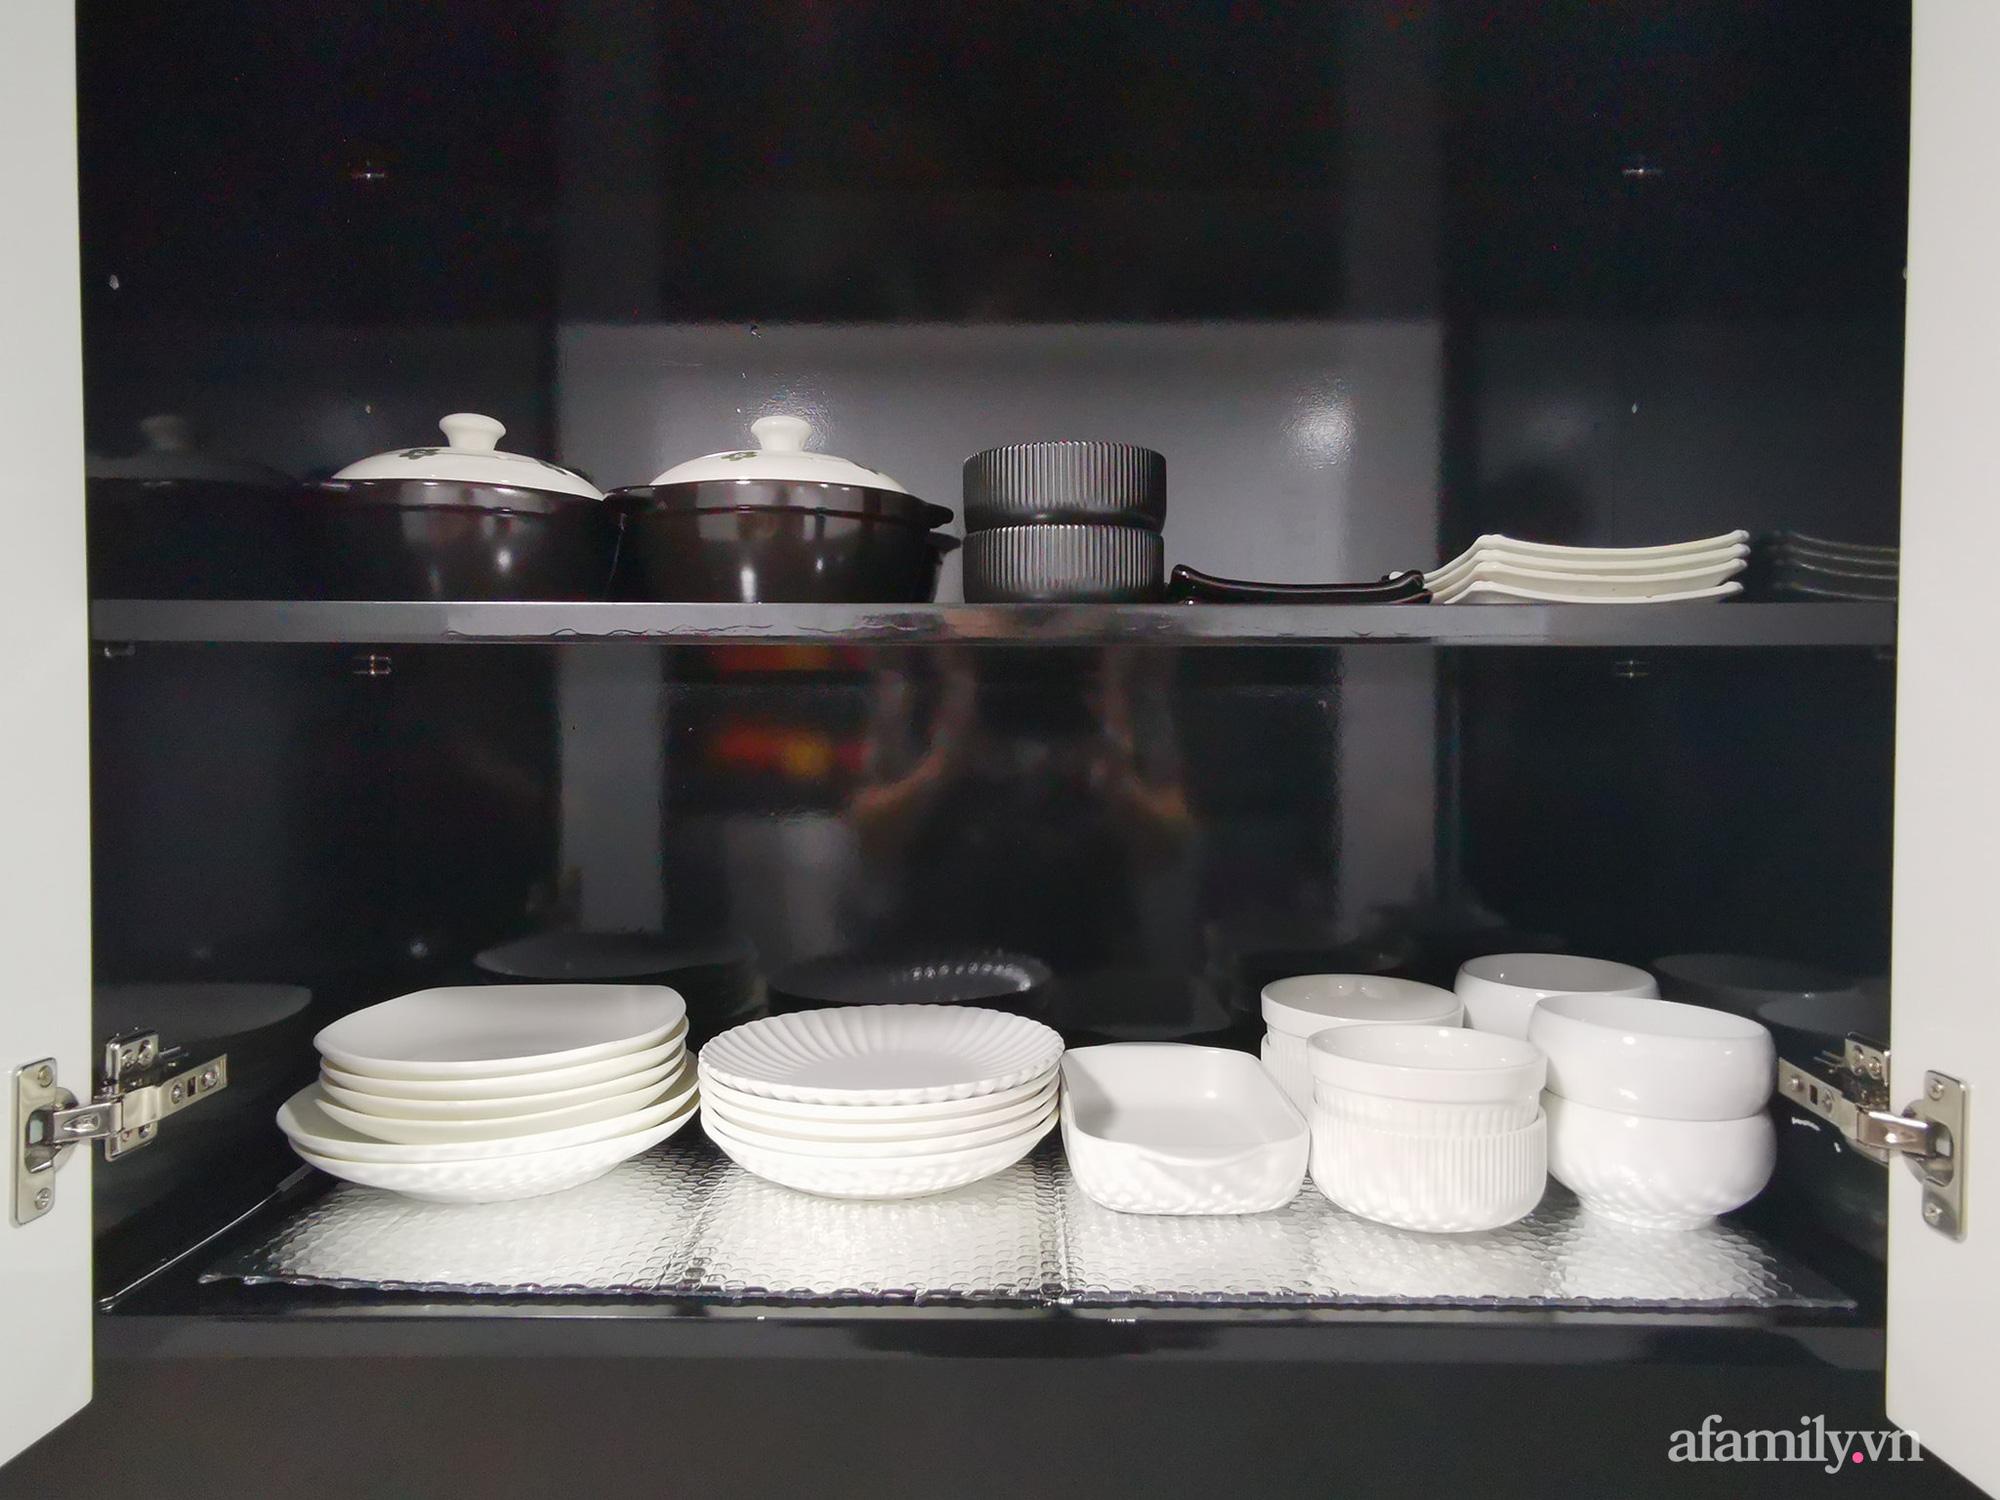 """Căn bếp 13m2 chứa """"tỉ thứ đồ"""" bên trong nhờ thiết kế """"hệ giấu"""" thông minh của người phụ nữ Hà Nội - Ảnh 8."""